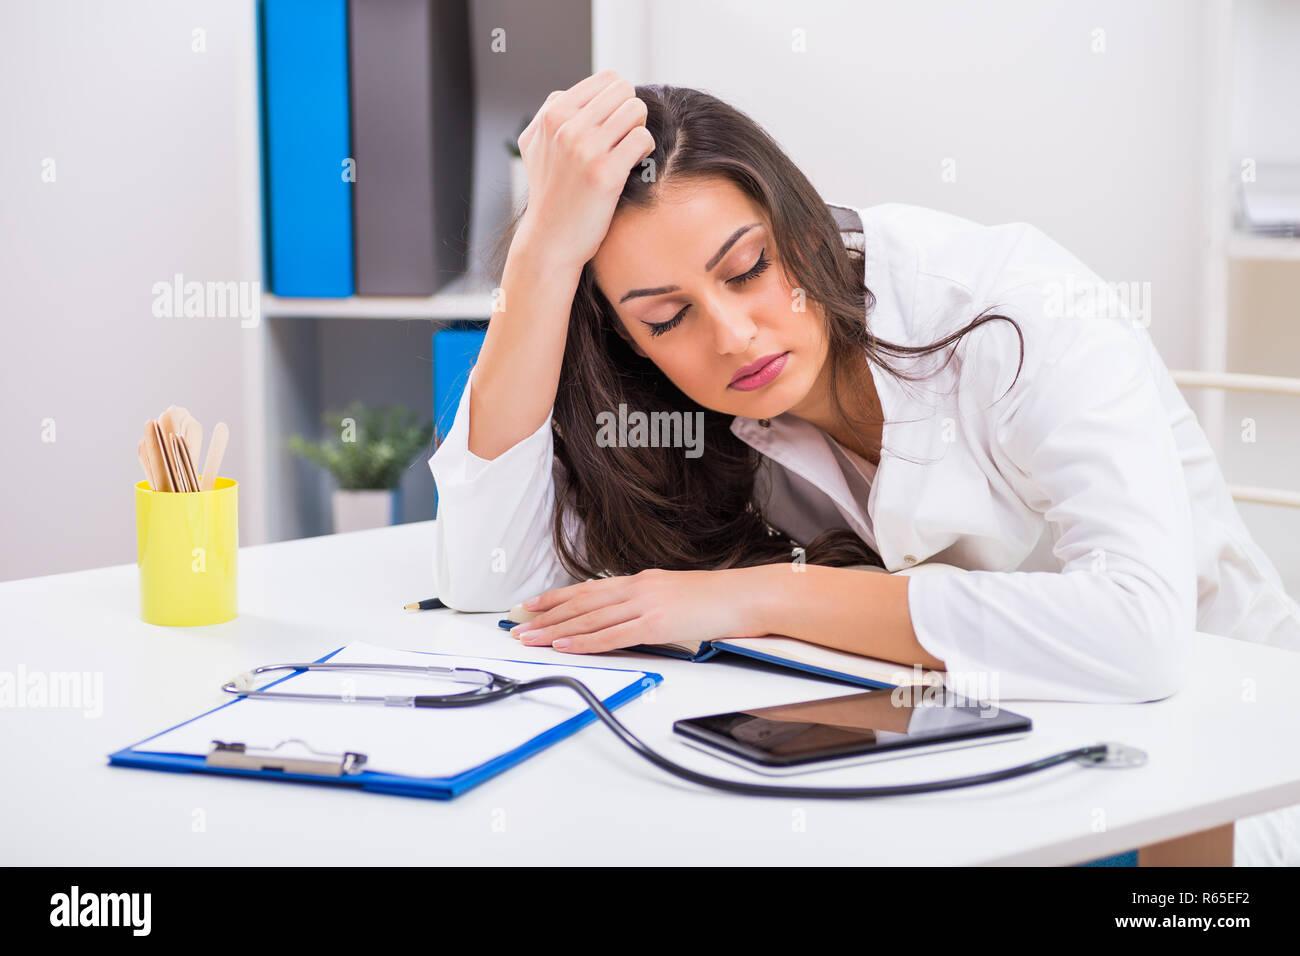 Müde Ärztin schlafen in Ihrem Büro. Stockfoto